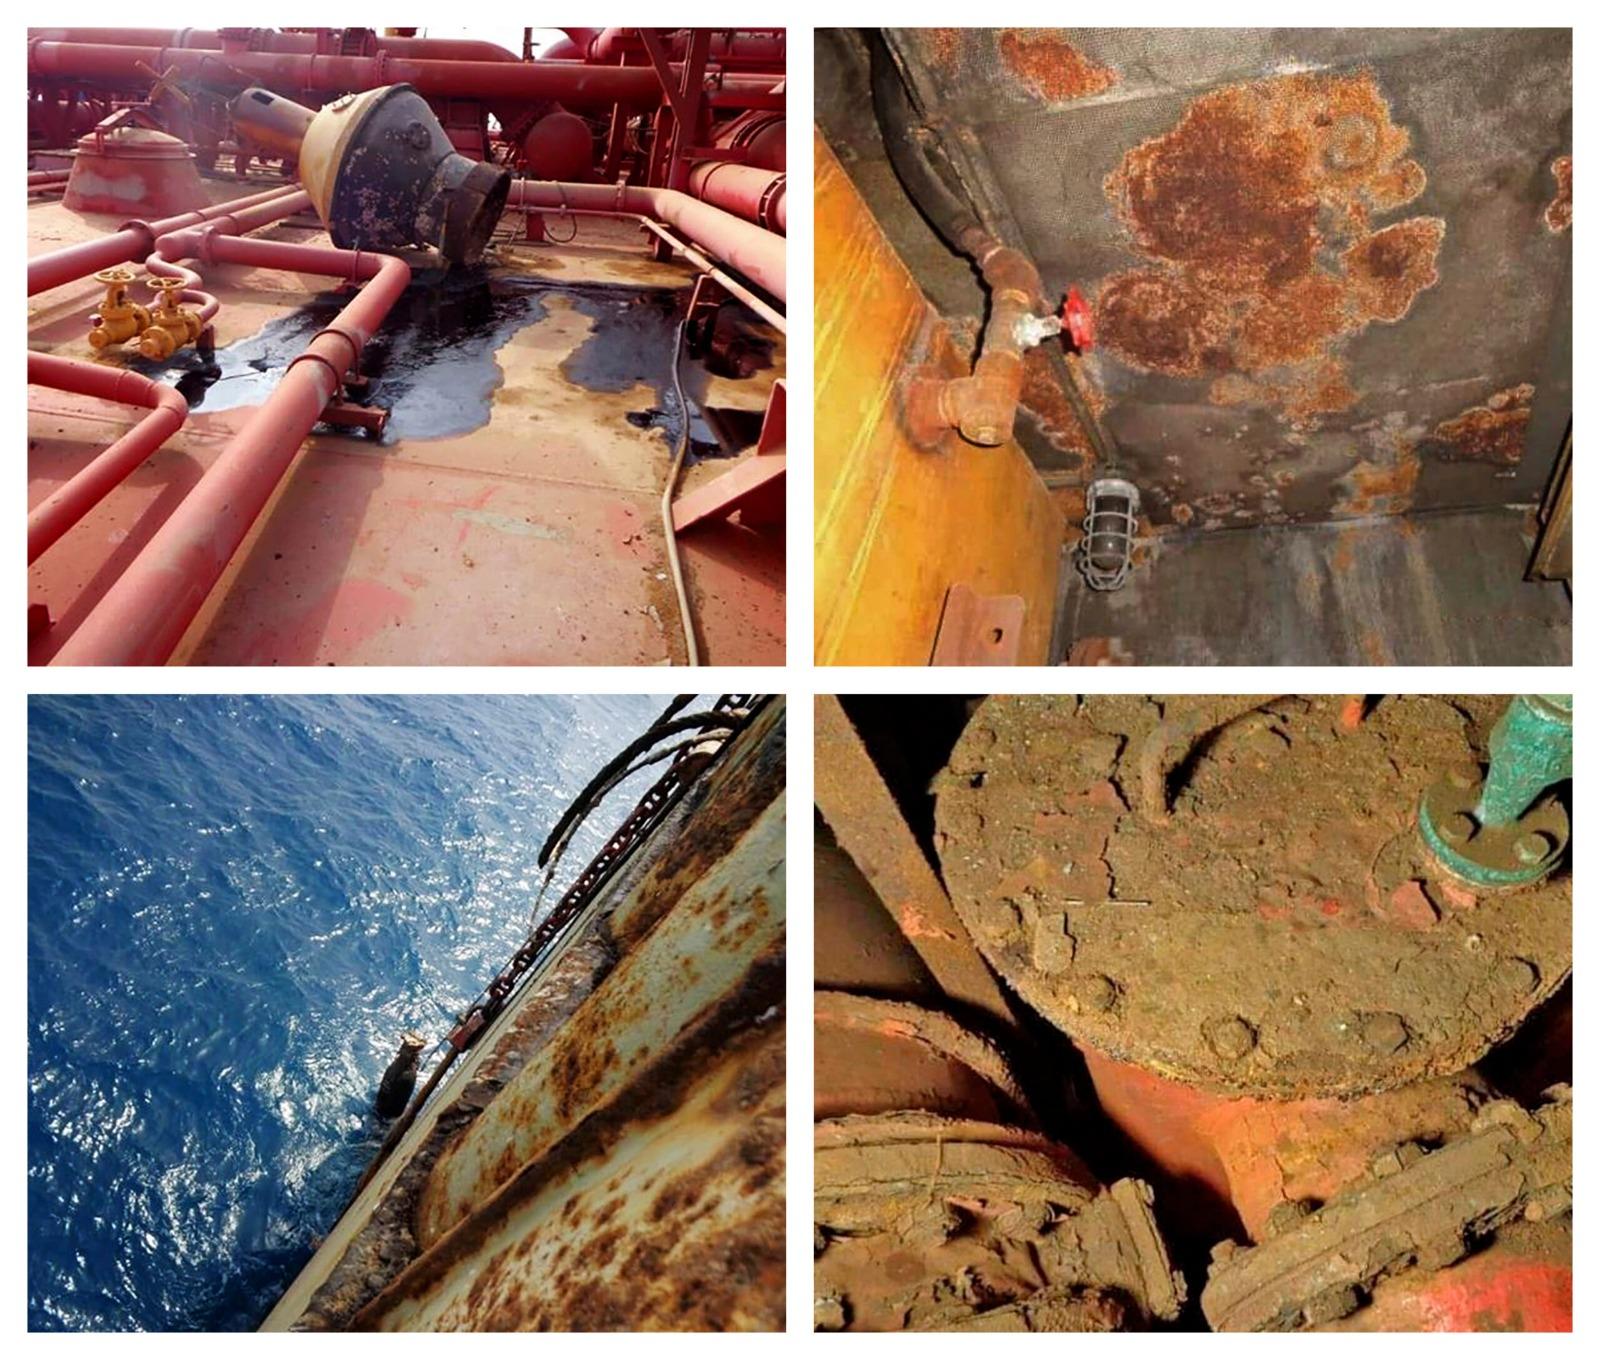 El petrolero se encuentra plagado de millones de barriles pudriéndose